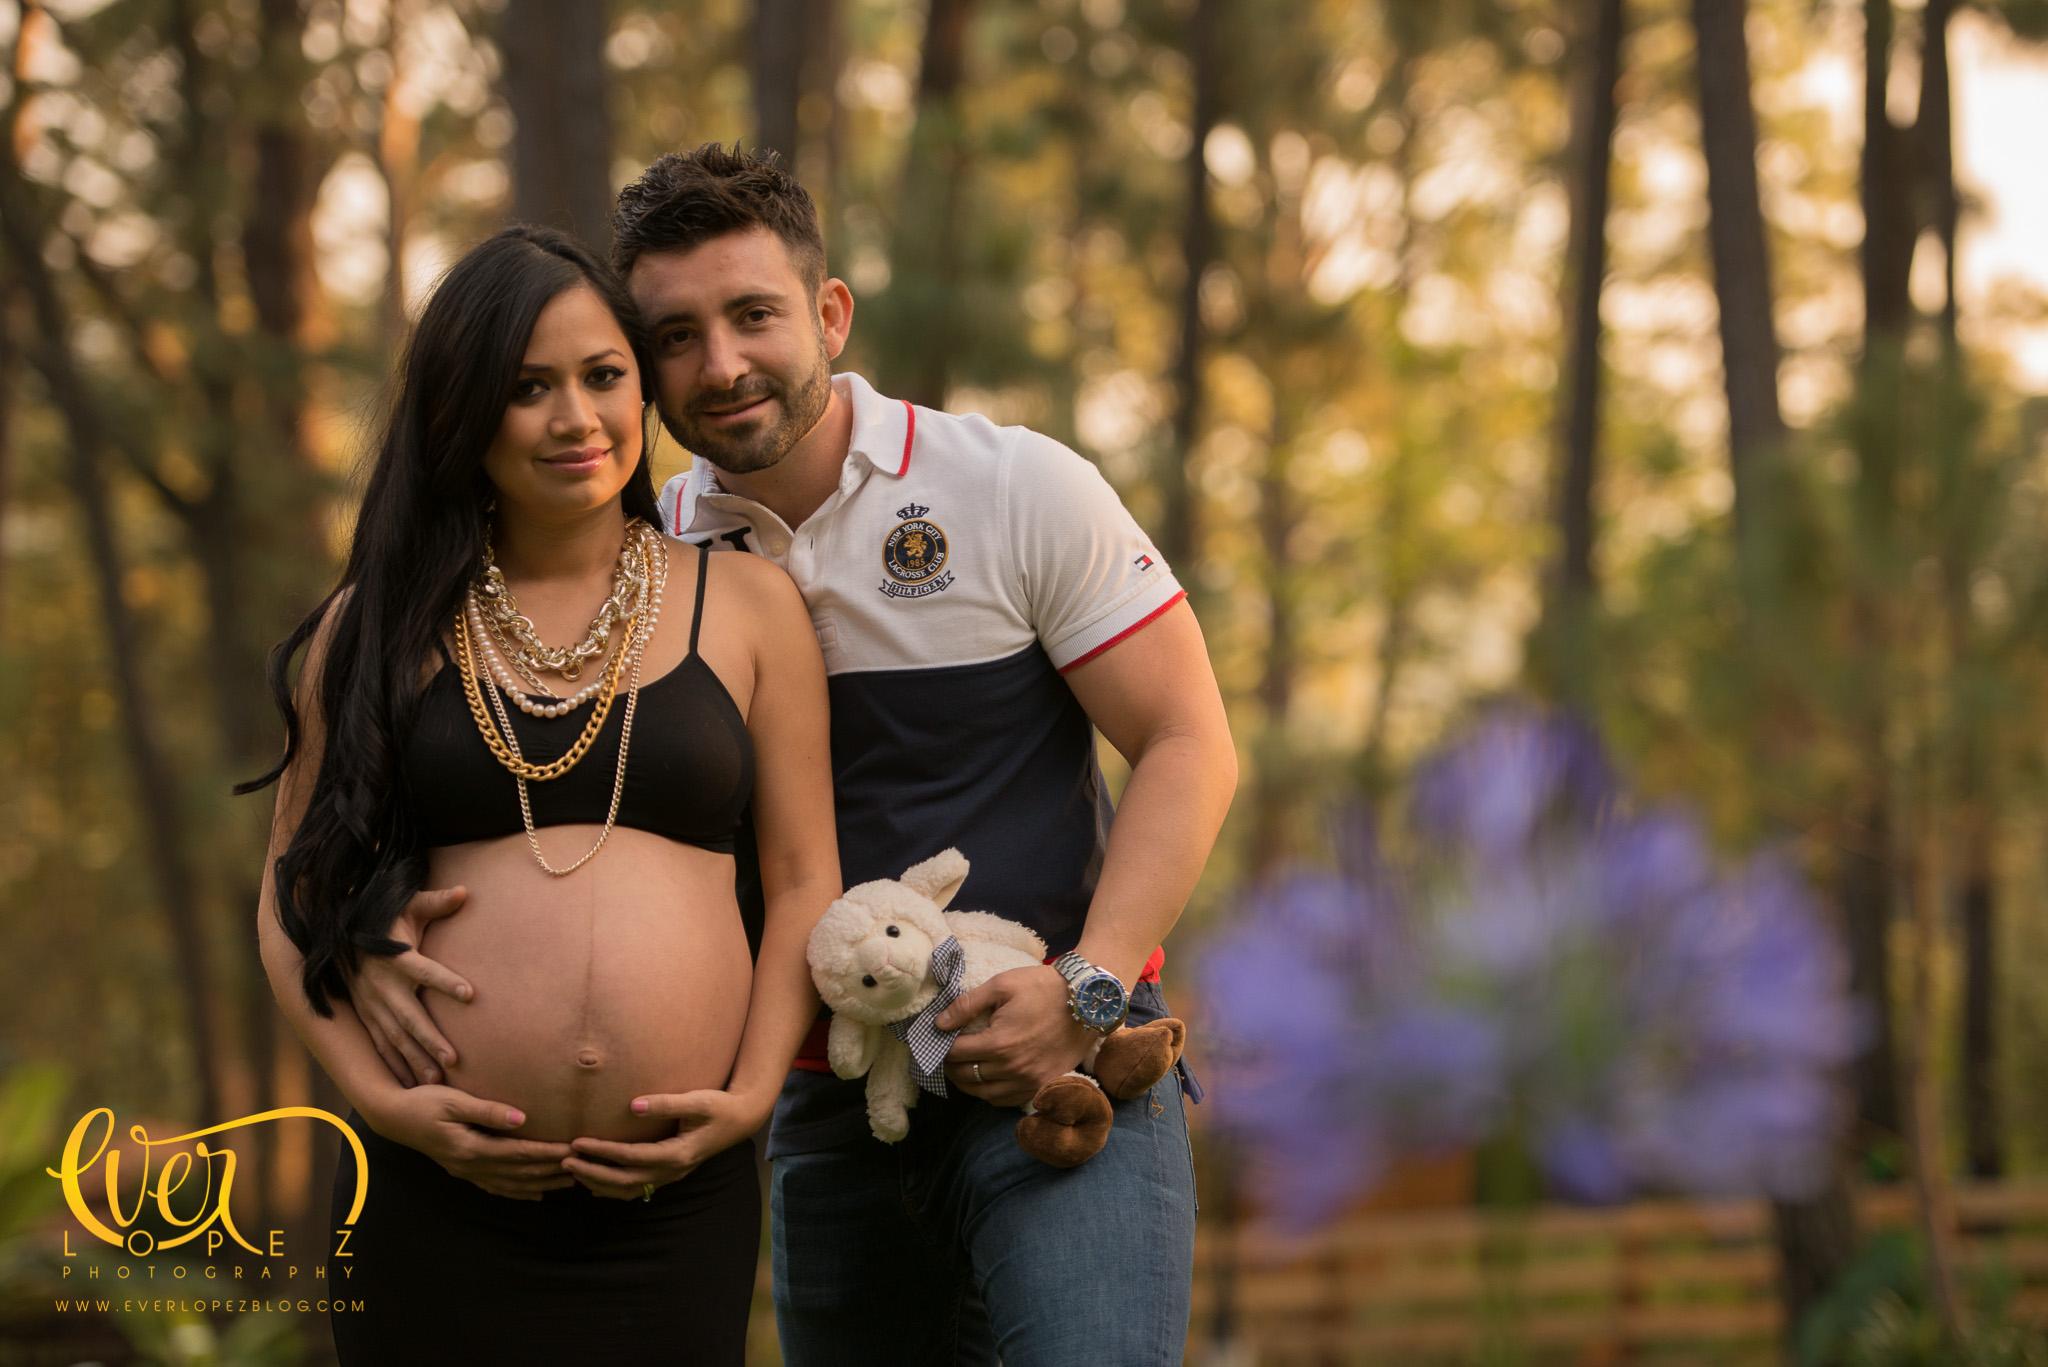 Estudio fotografico para embarazadas en el df 89